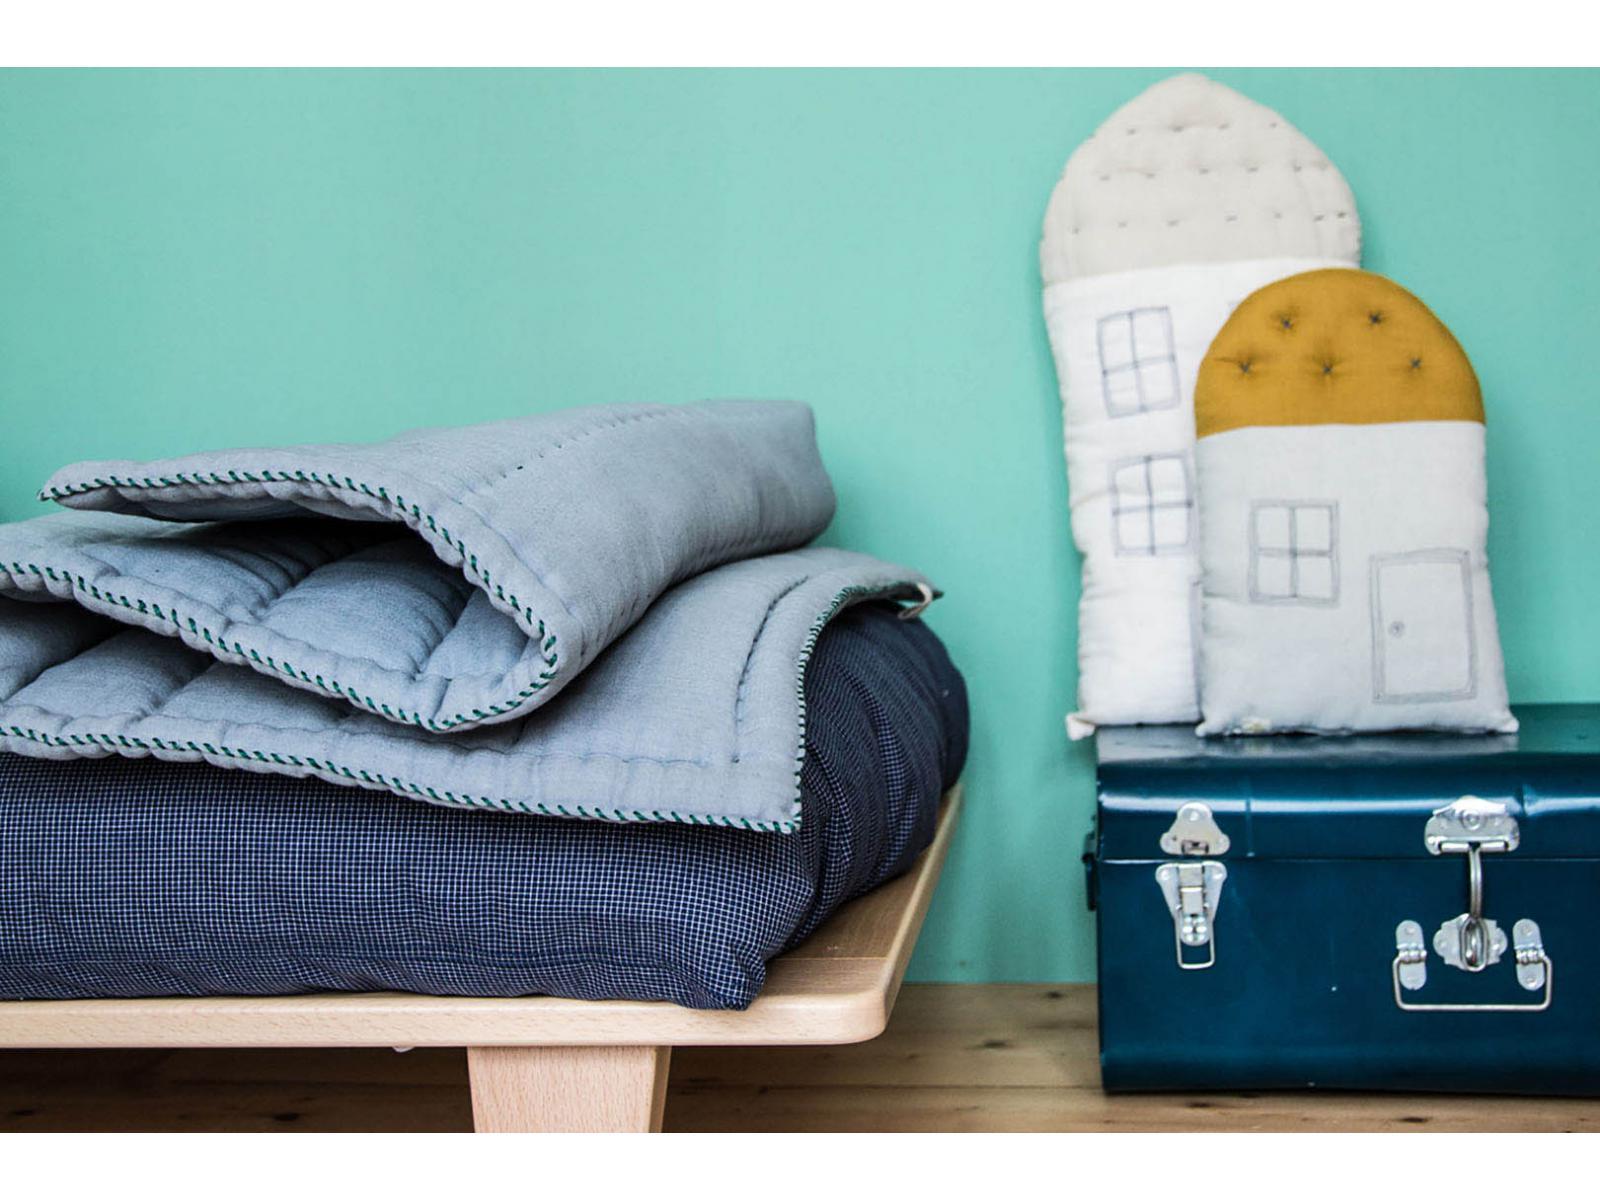 camomile london housse de couette imprim e petits carreaux navy ivoire 120x150 cm. Black Bedroom Furniture Sets. Home Design Ideas